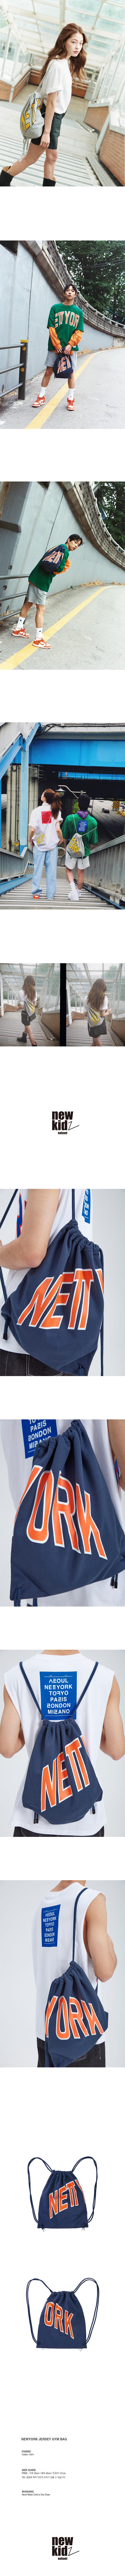 노앙(NOHANT) NEWYORK JERSEY GYM BAG BLUE